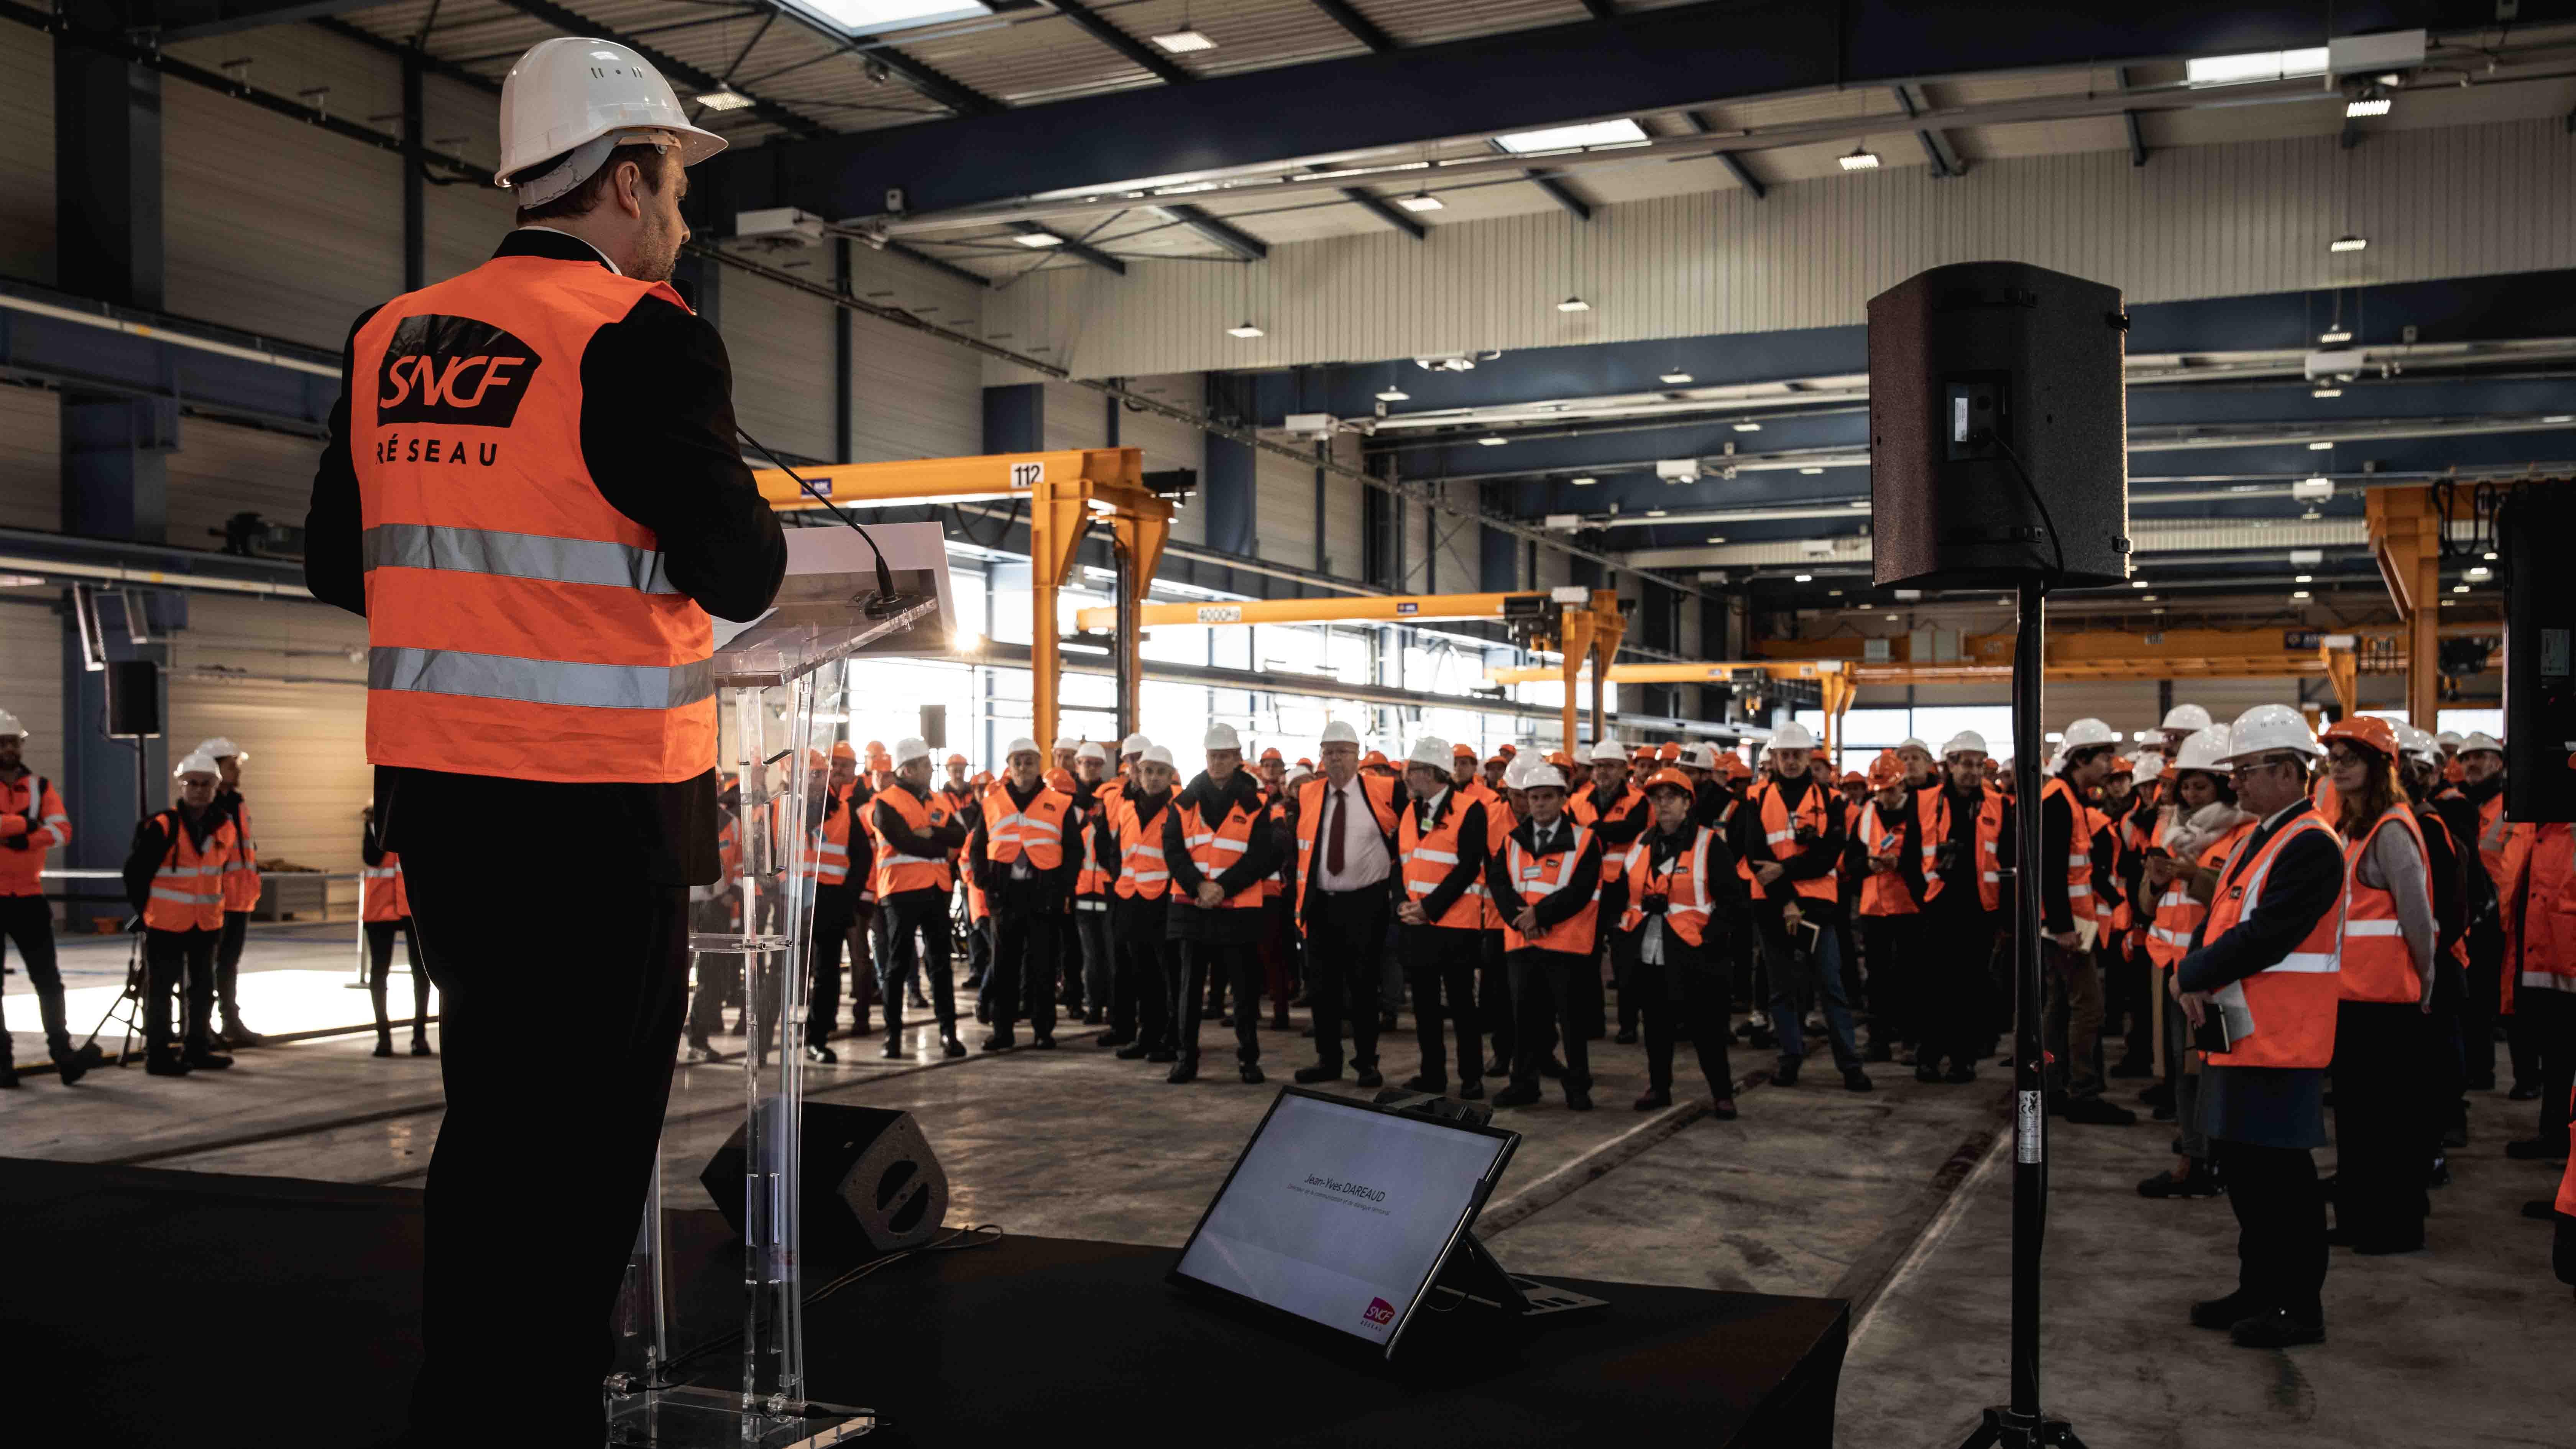 Prise de parole sur la scène devant l'ensemble des invités durant l'événement SNCF Réseau